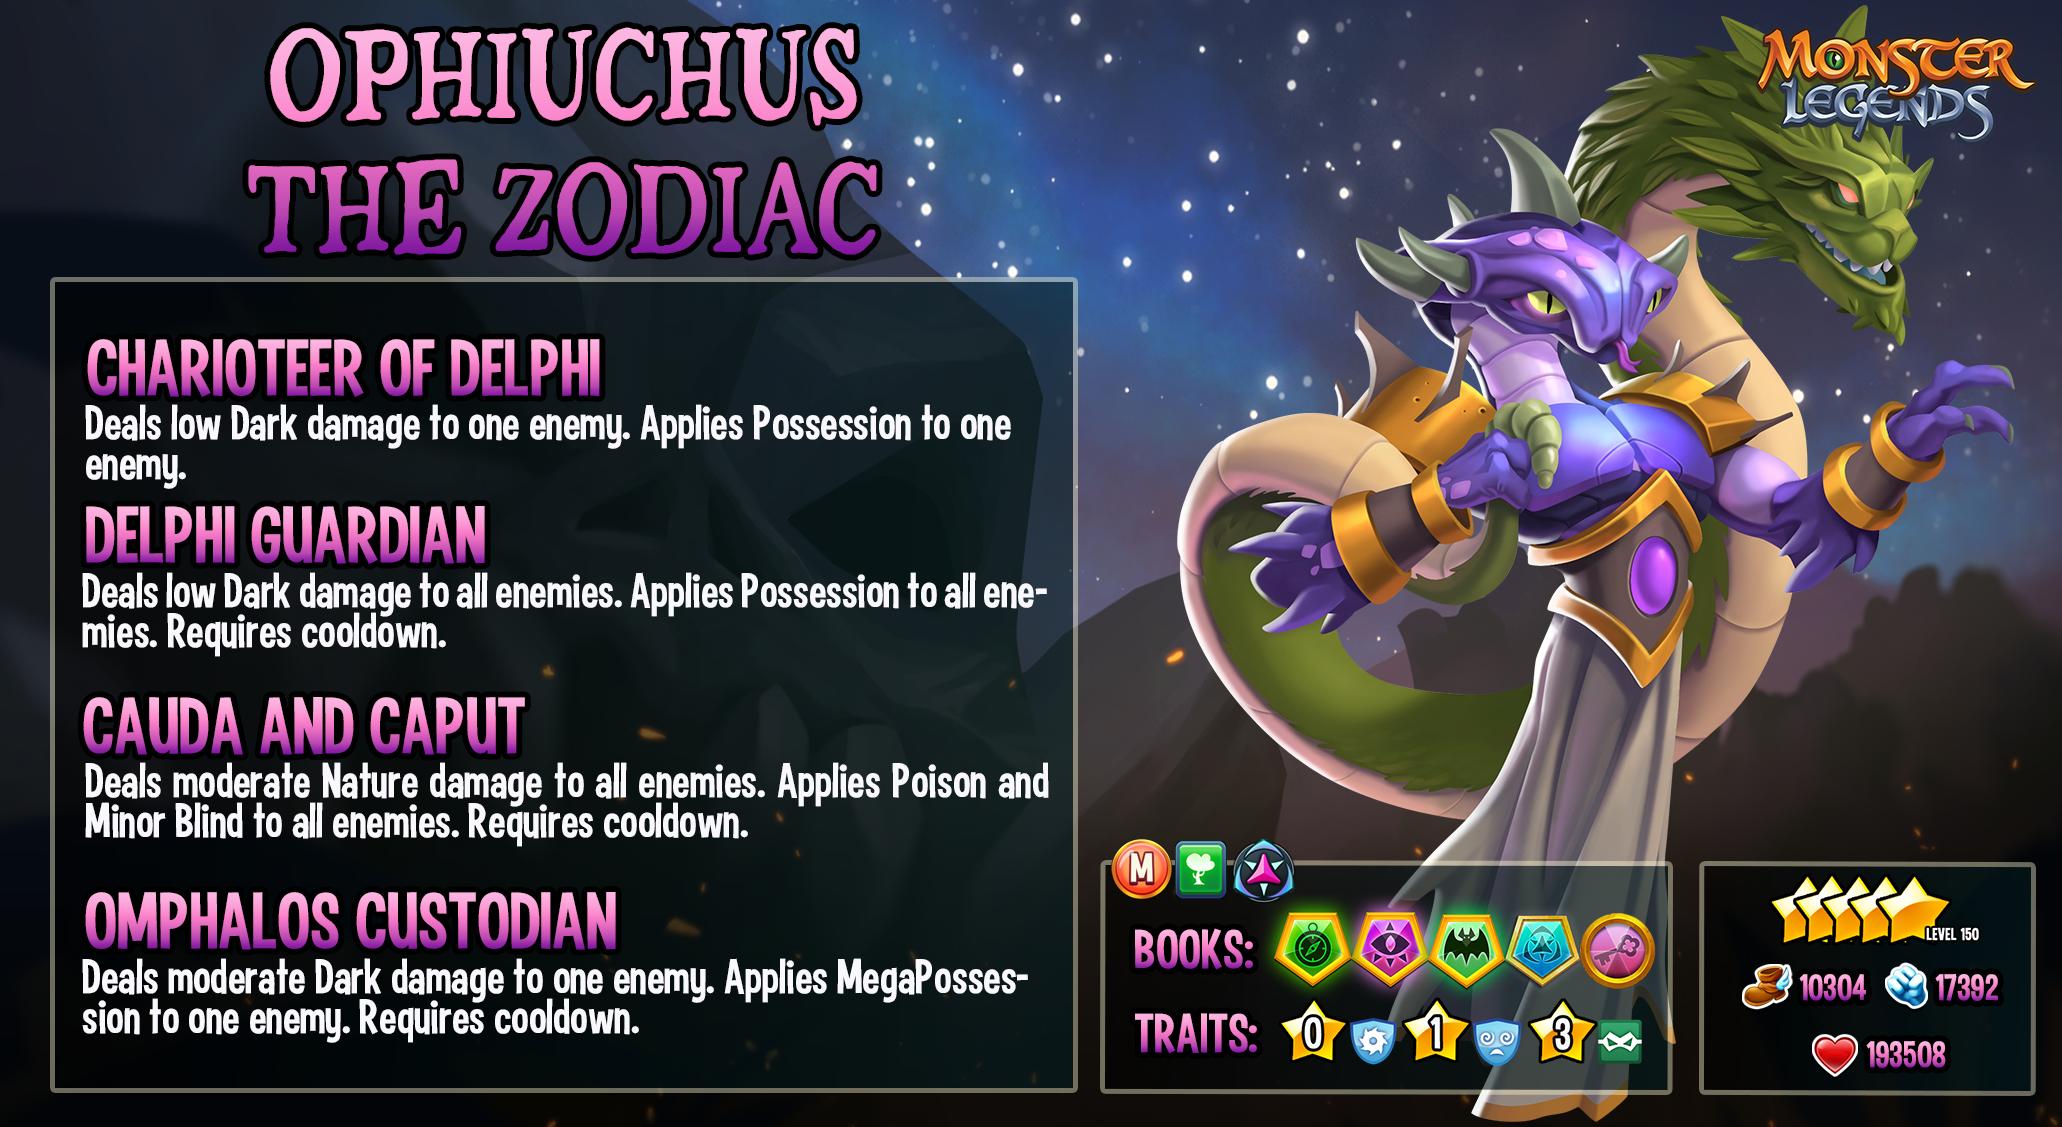 0_1608043530273_Ophiuchus-the-zodiac2.jpg